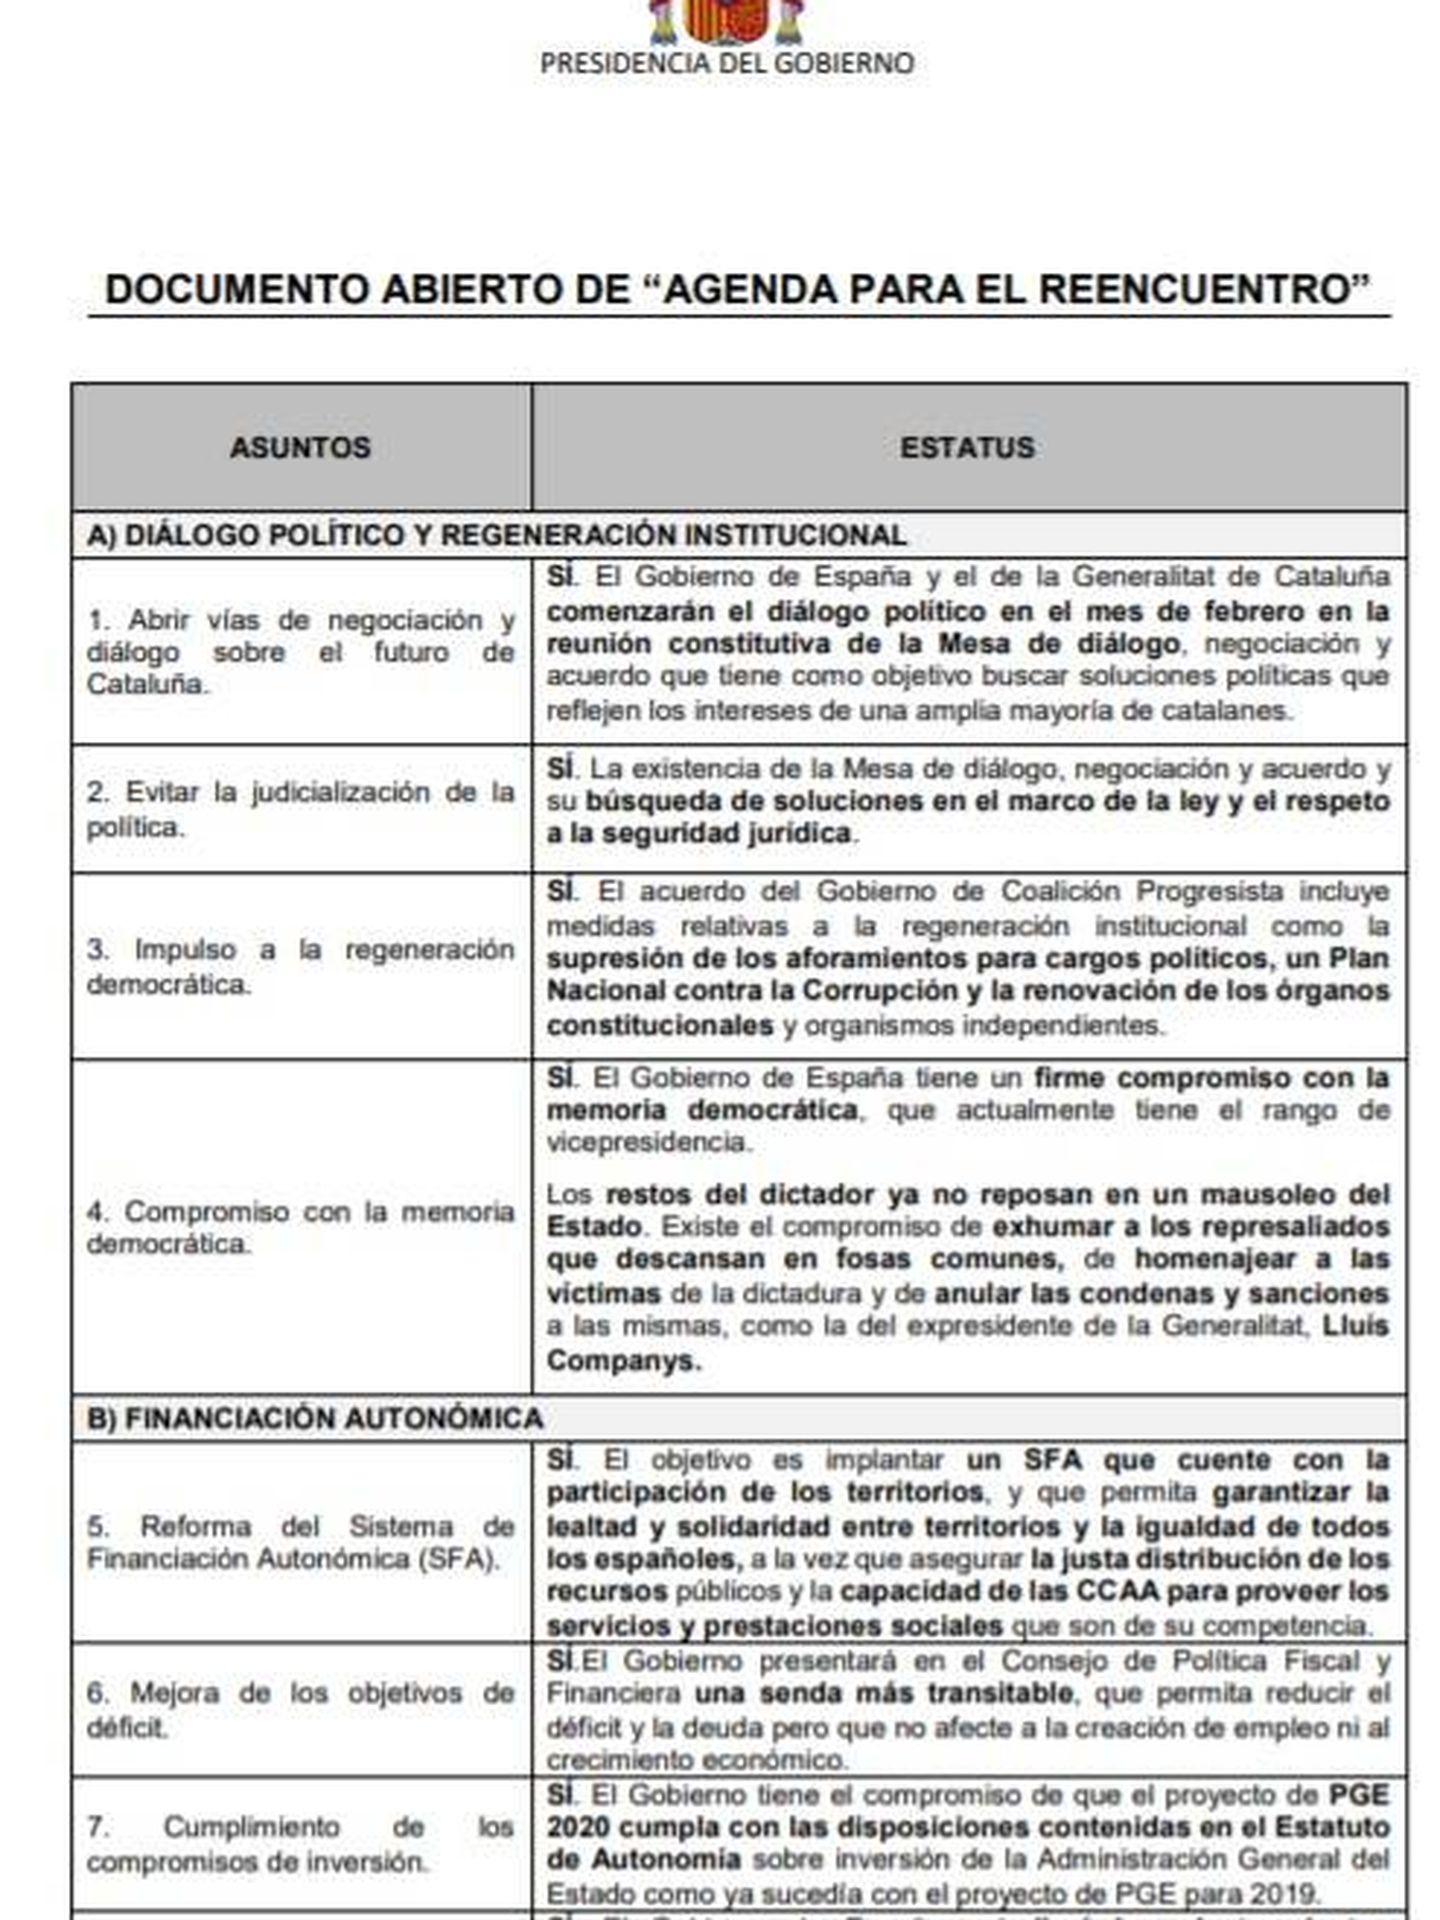 Consulte aquí en PDF la 'Agenda del reencuentro' con Cataluña propuesta por Pedro Sánchez en su reunión con Quim Torra.